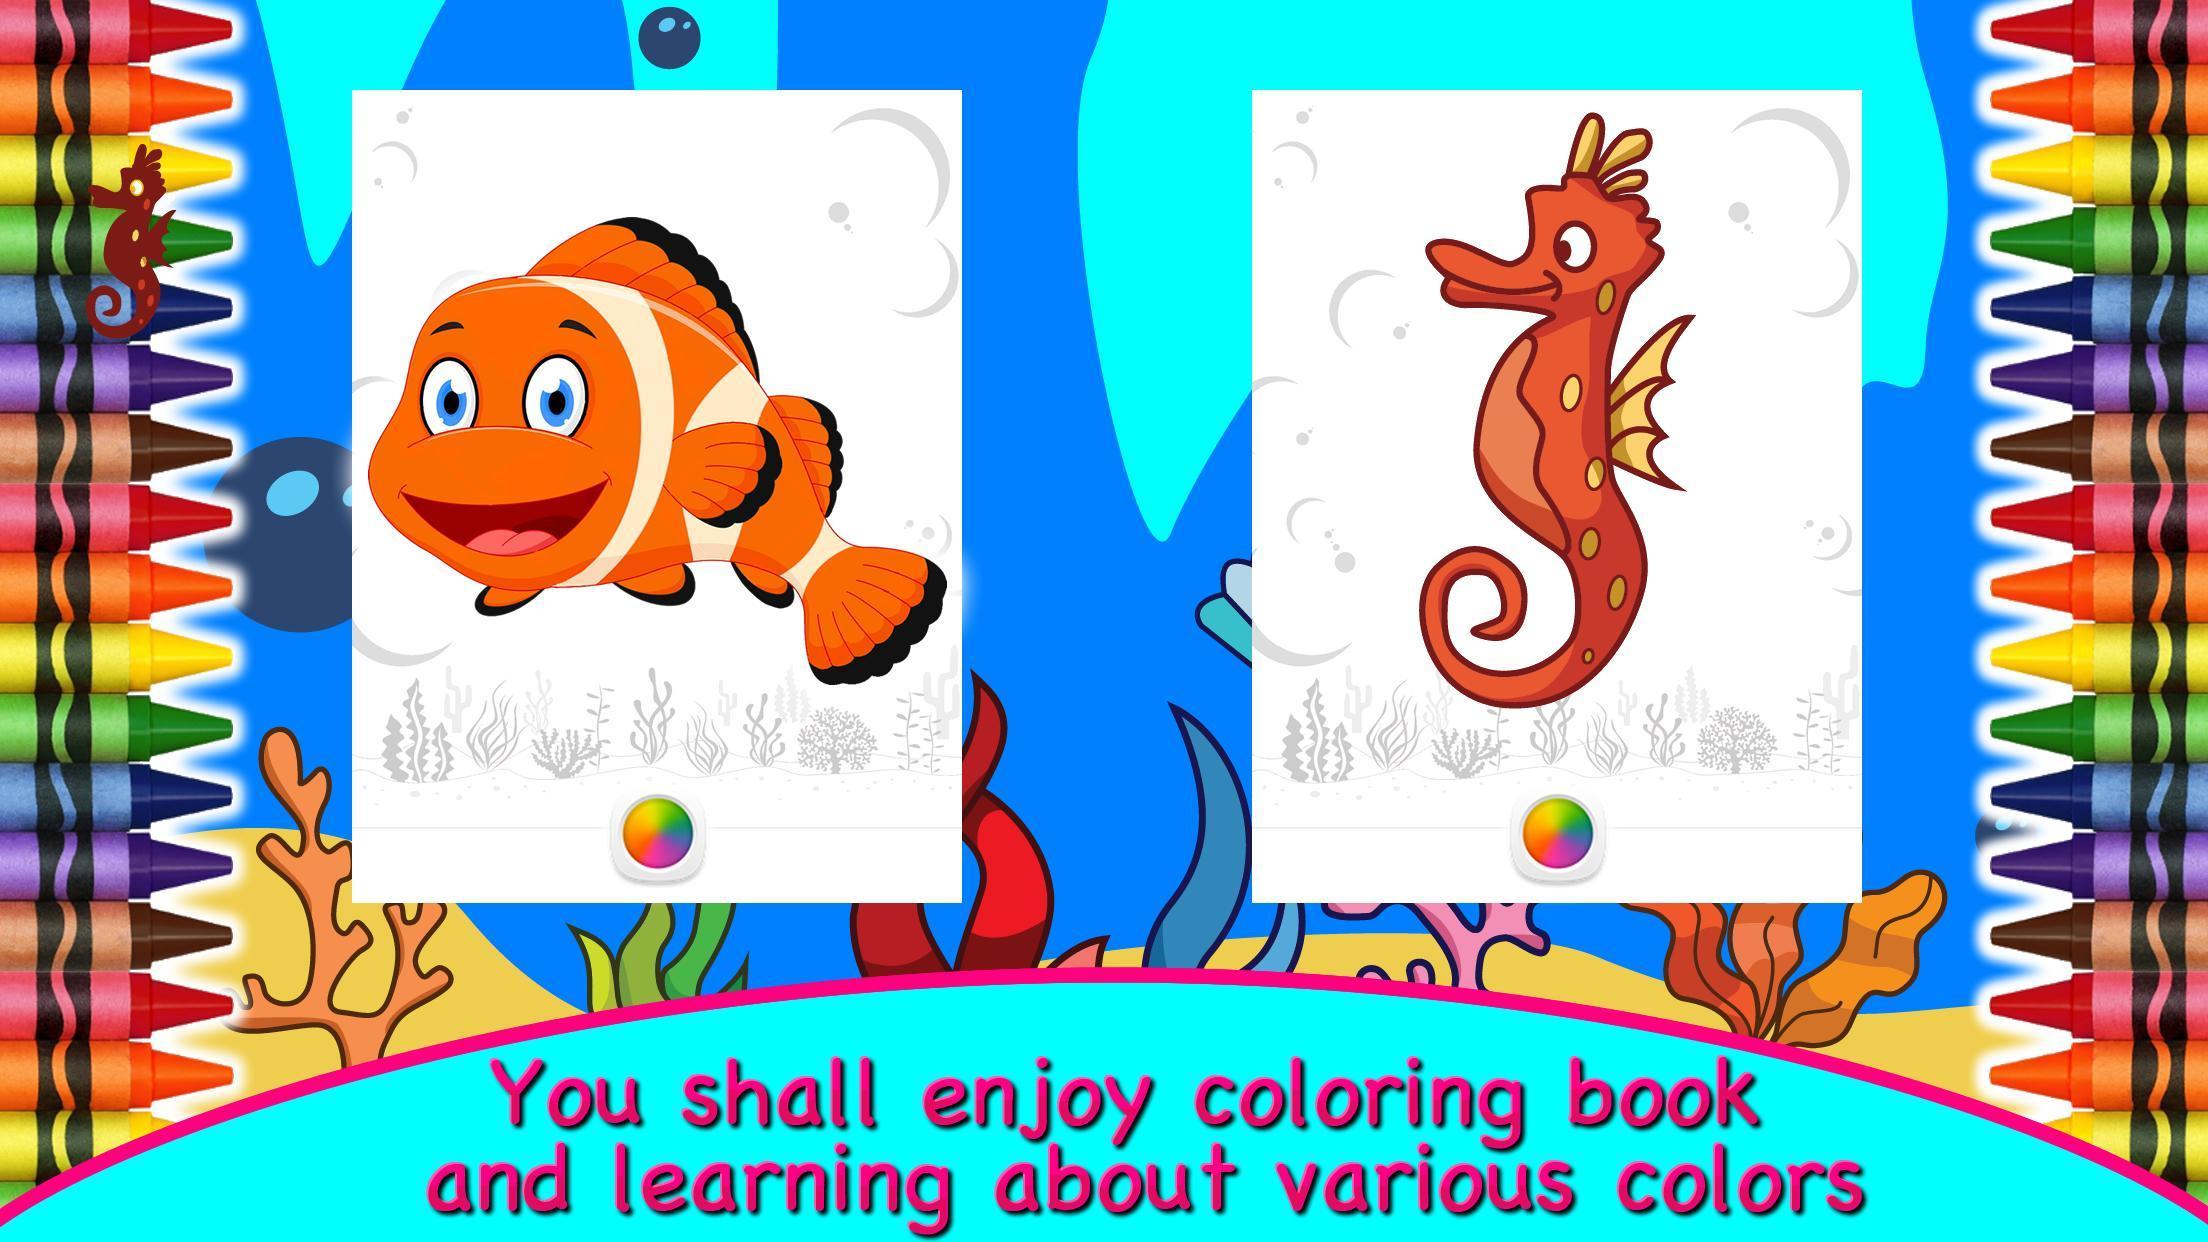 Mewarnai Ikan Binatang Laut For Android APK Download